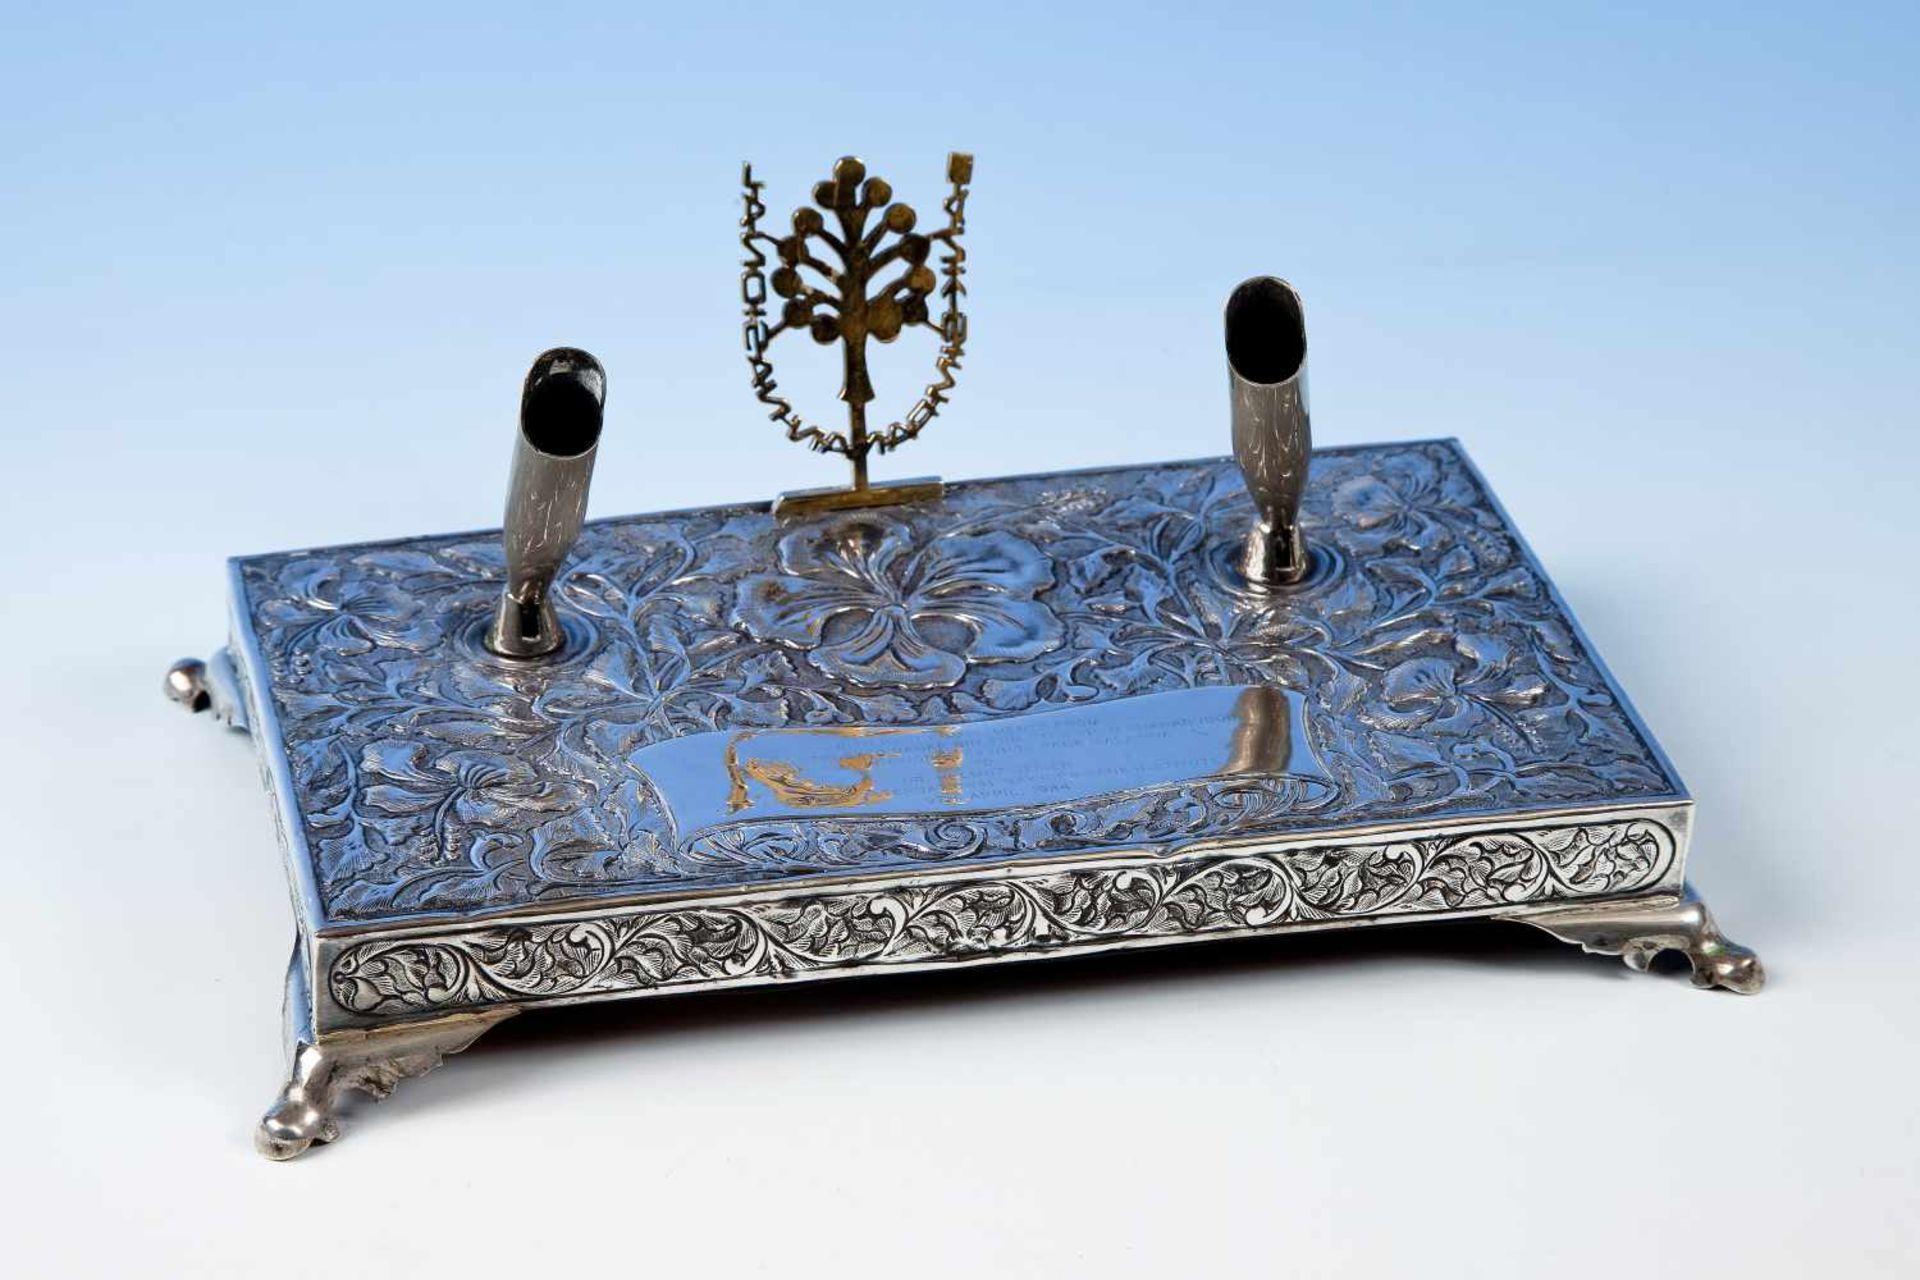 Schreibtischgarnitur, Anfang 20.Jh., Silber, Halterung für 2 Schreibgeräte, floral gearbeitete